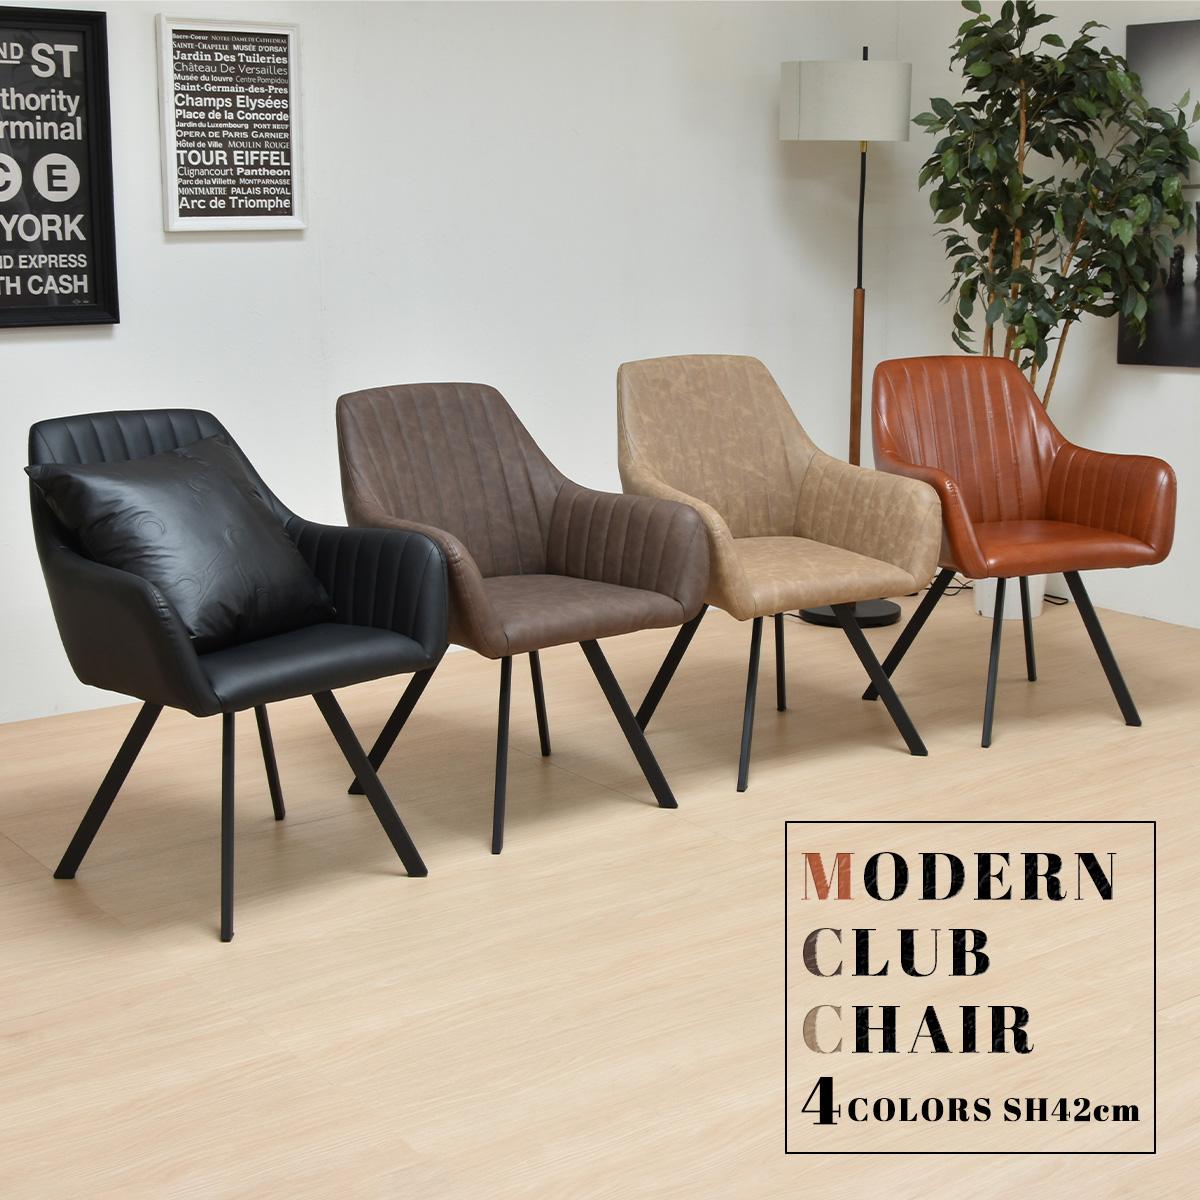 モダンクラブチェア パパの椅子 クラブチェア PUレザー ONDC-0049